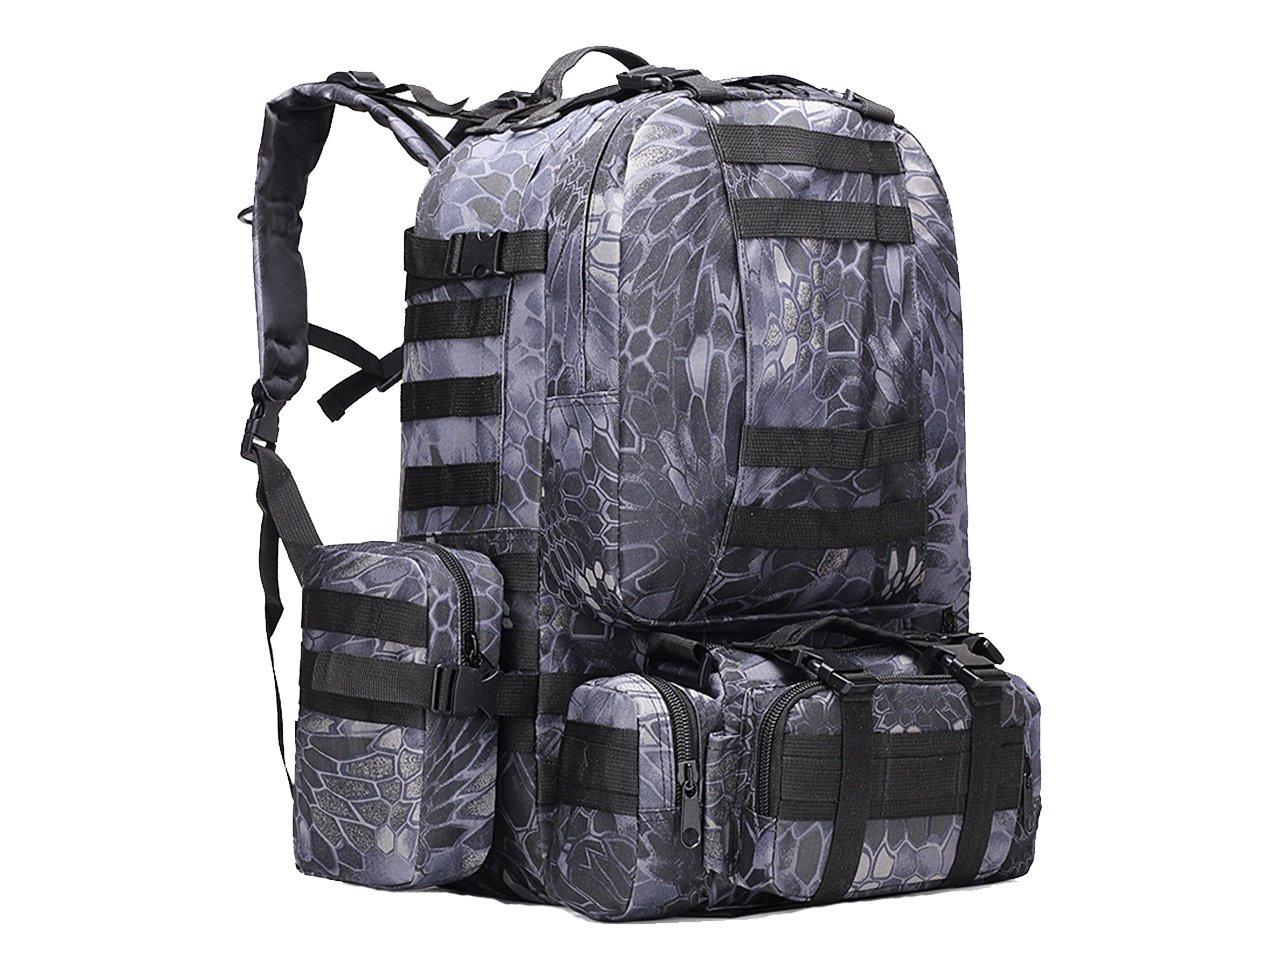 50lタクティカルMOLLE Assault Military RucksacksバックパックハイキングキャンピングバッグTyp   B0797P9MWH